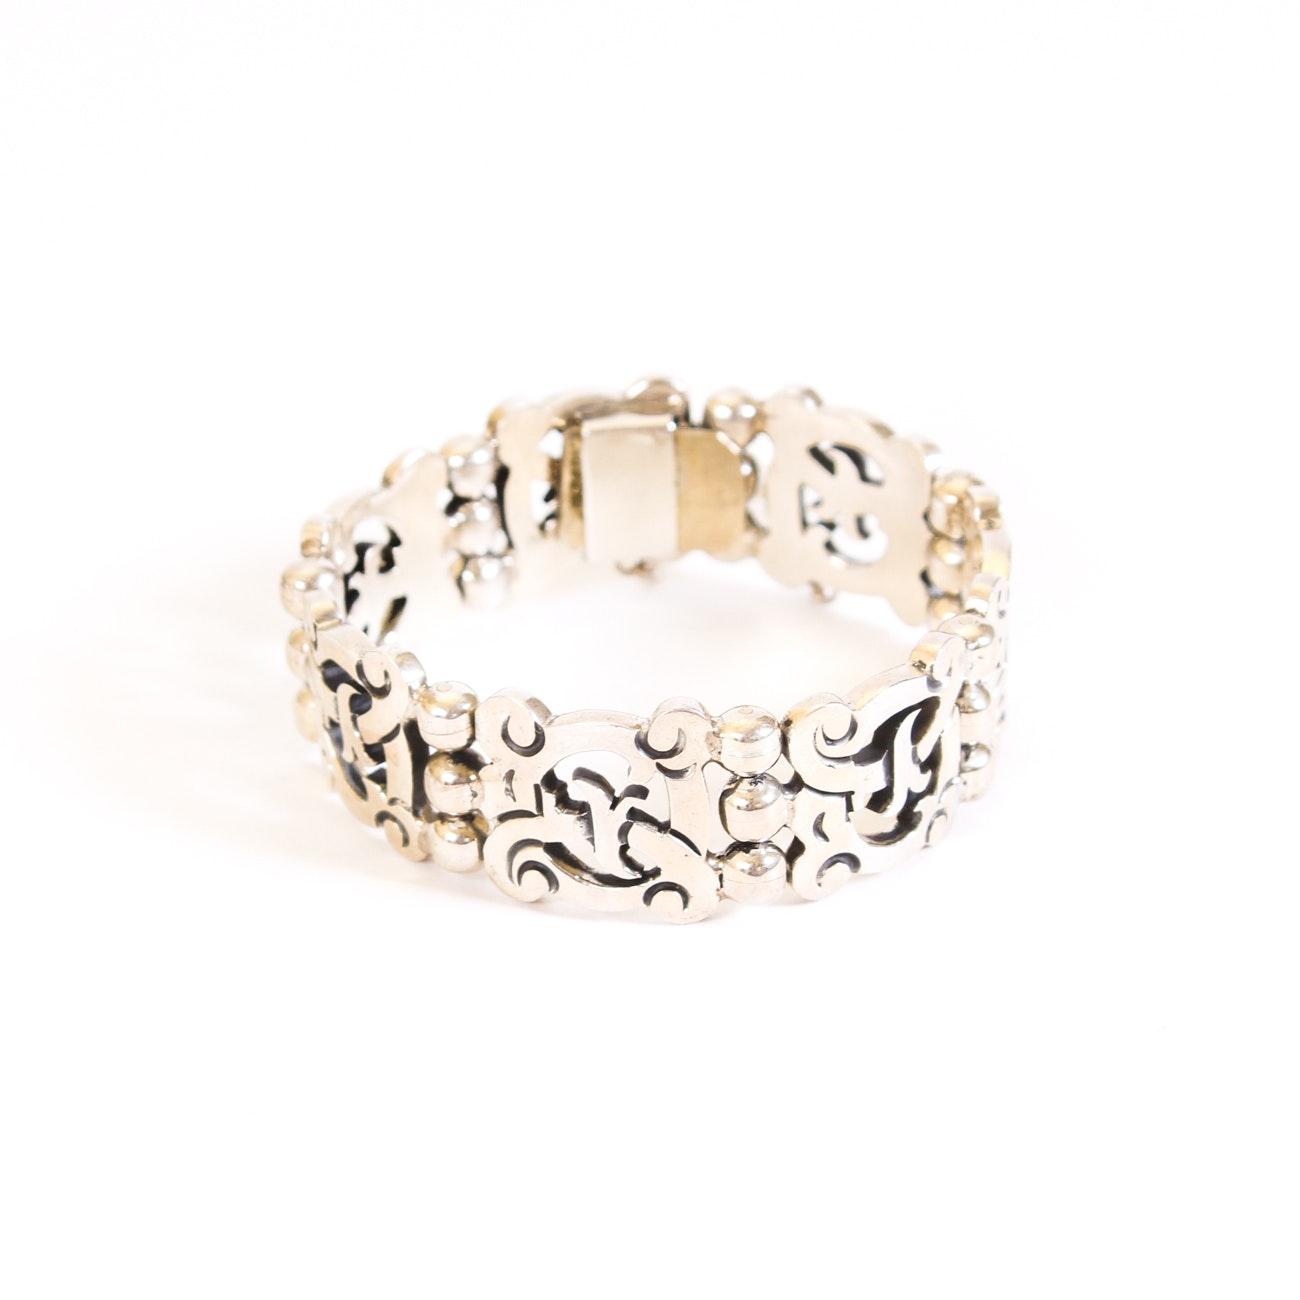 Sterling Silver Pierced Link Bracelet